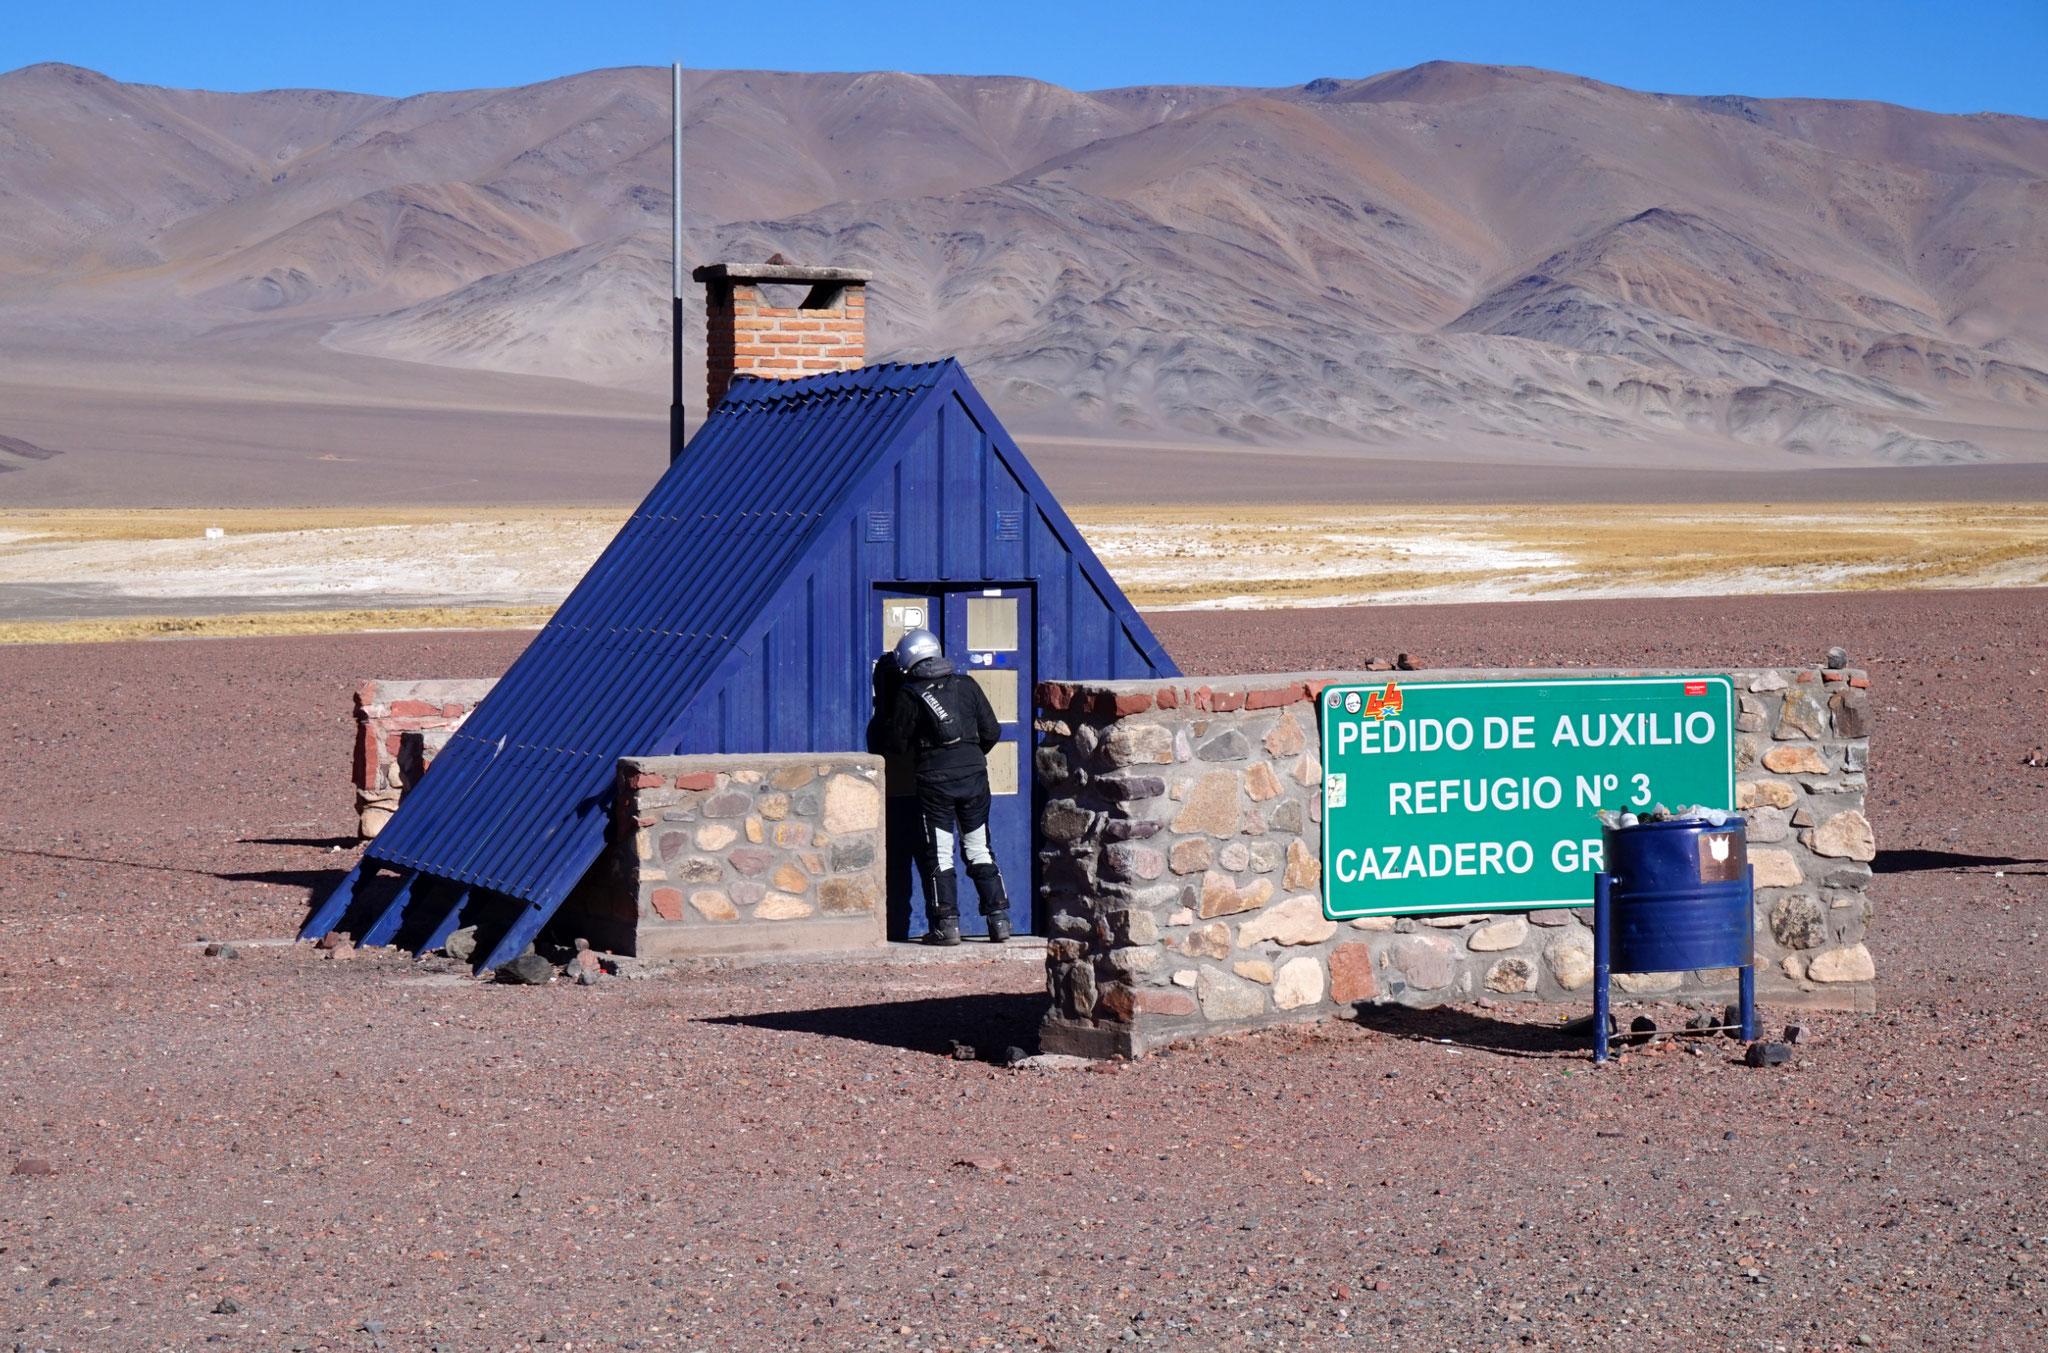 Refugio - Ein Unterschlupf, falls es mal nicht weiter geht